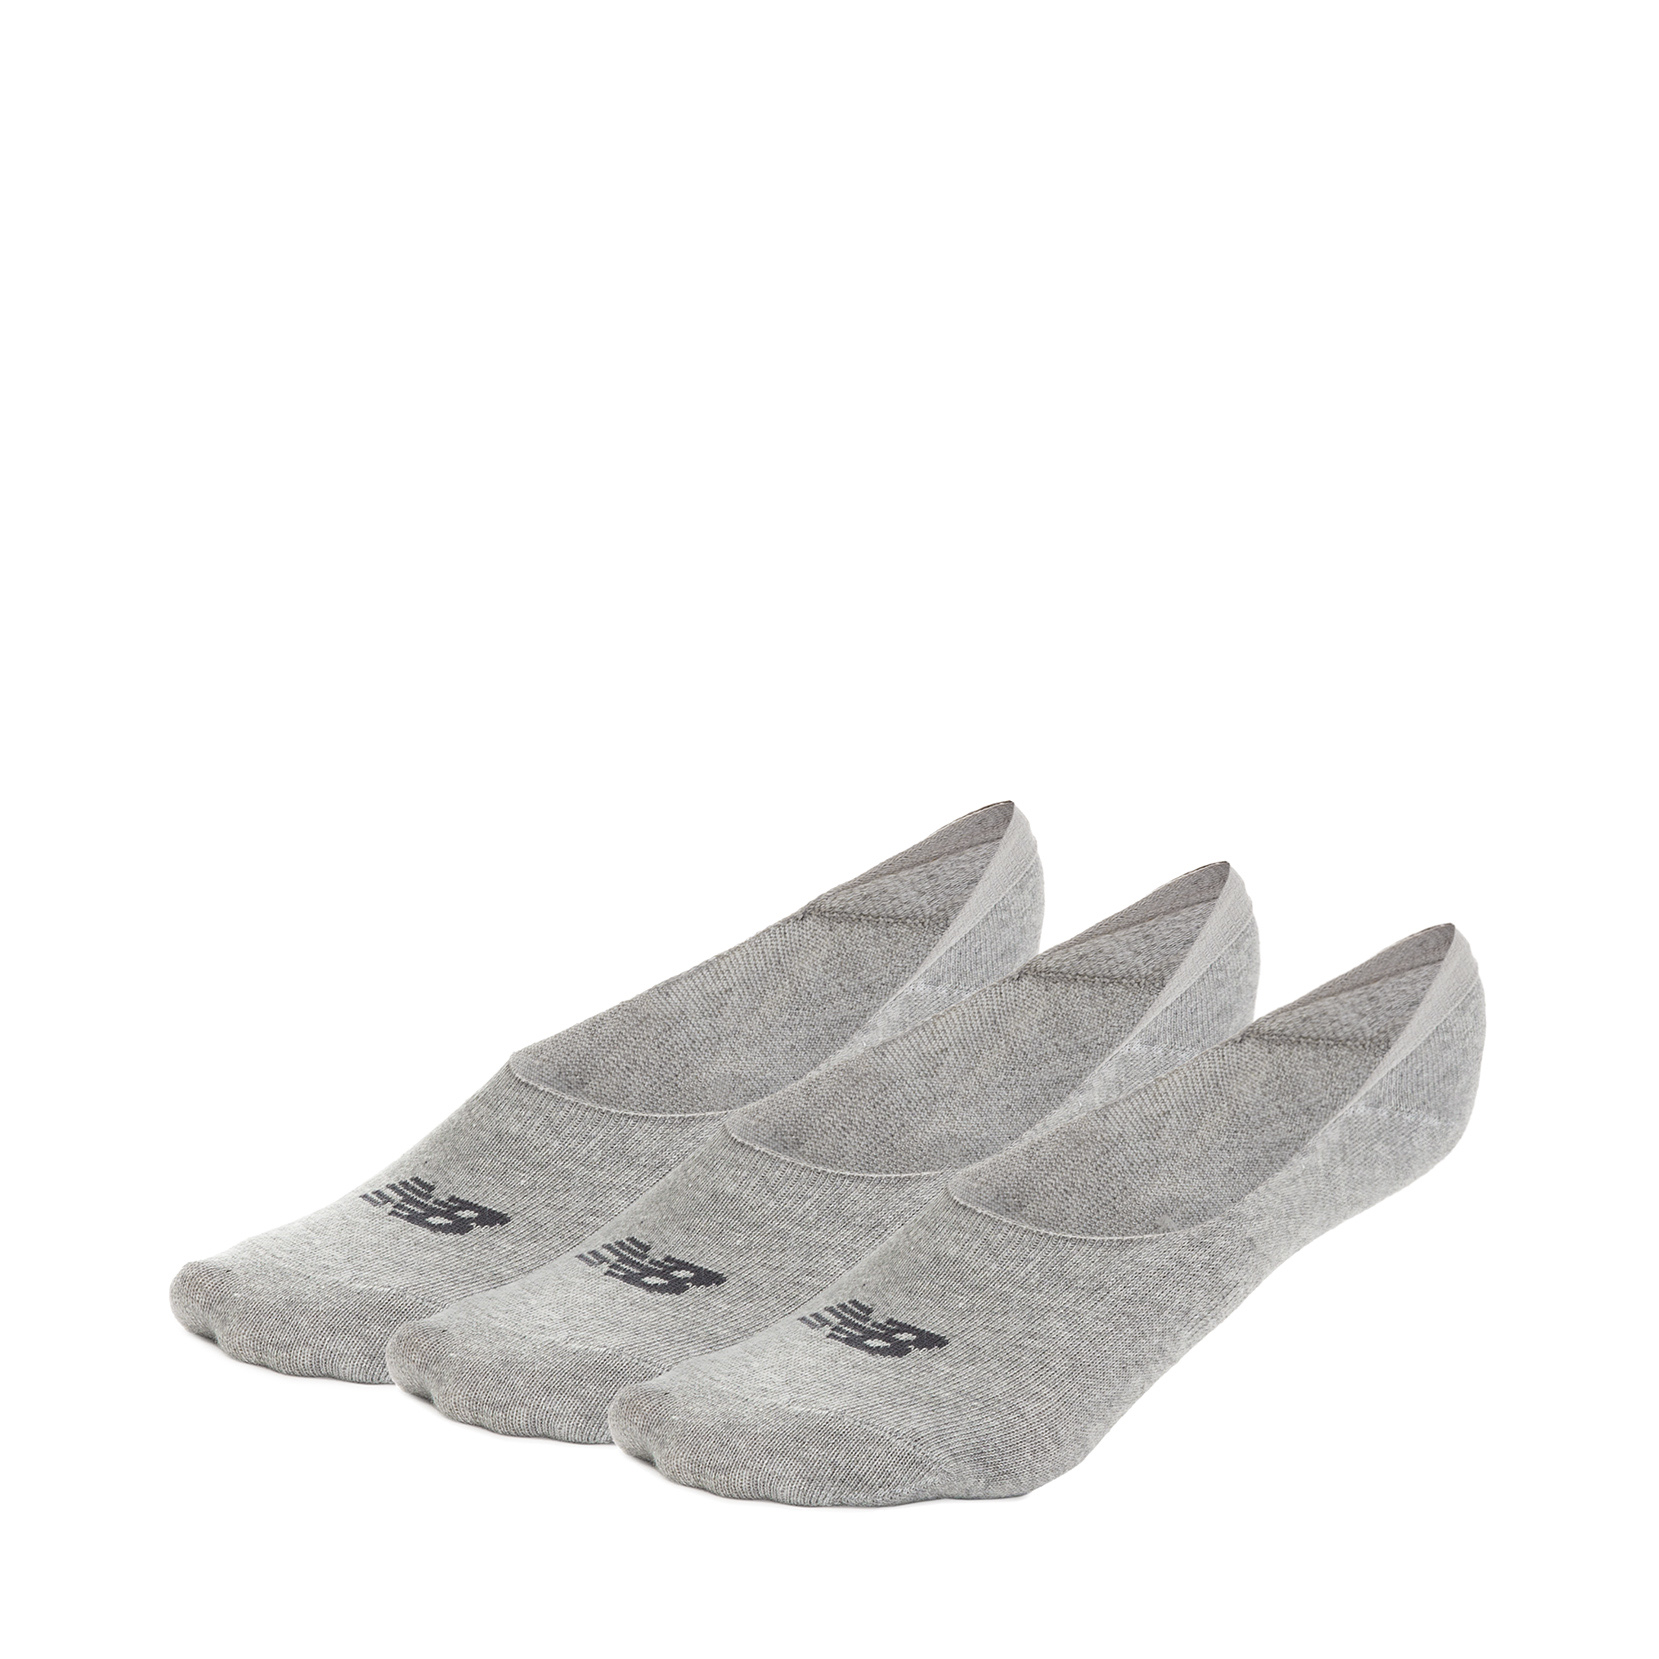 Сліди Ultra Low No Show - Flat Knit (3 пари) N622-3EU_GRY | New Balance